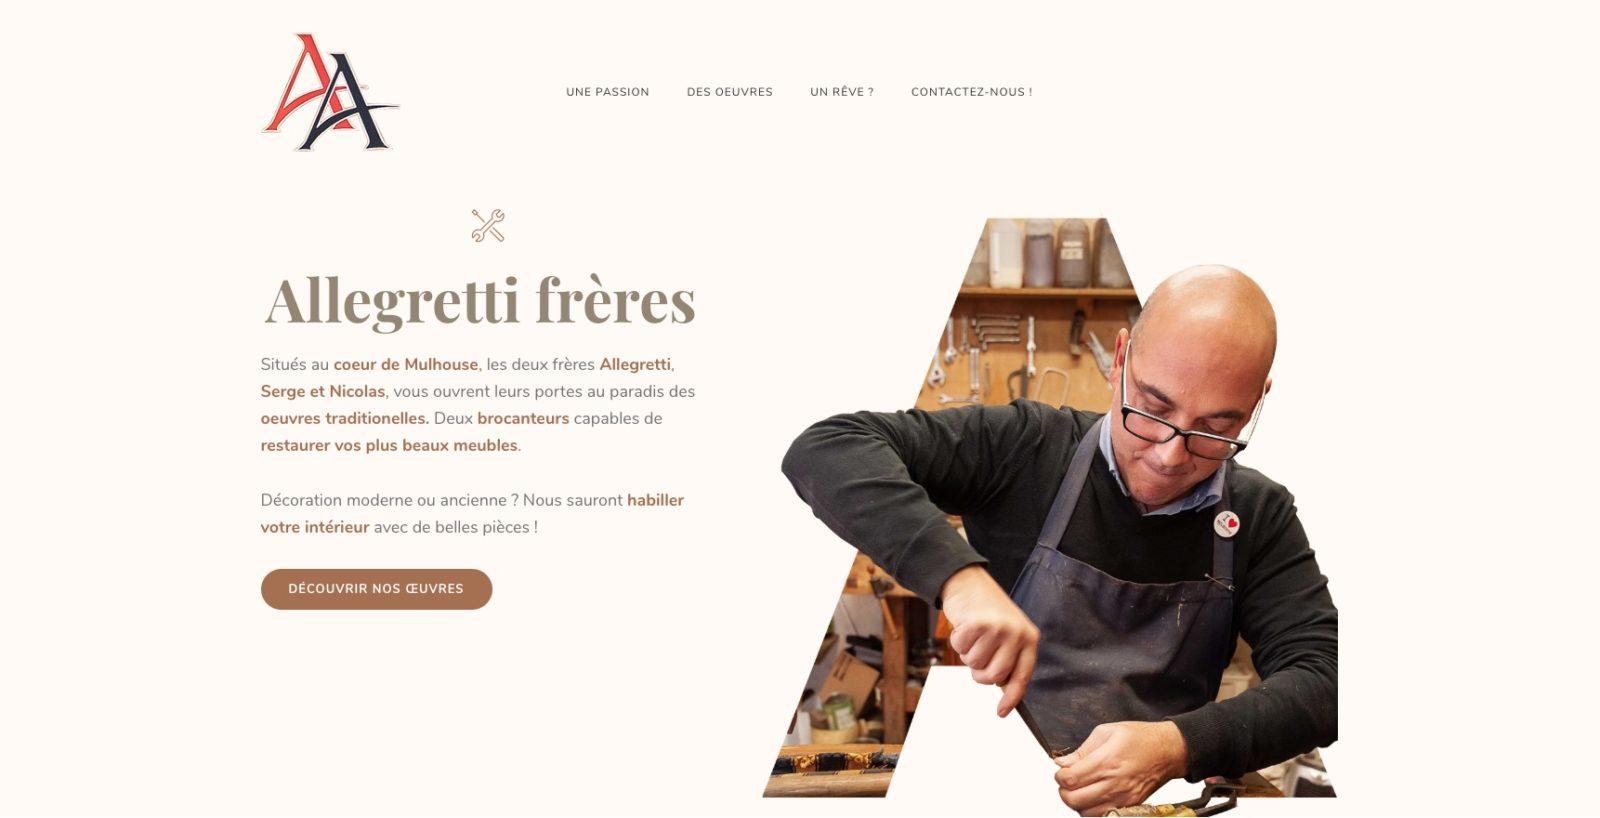 Allegretti frères accueil. Site d'artisan ébénisterie, restaurateur de vos meubles anciens et client de l'agence web et digitale Karedess de Mulhouse